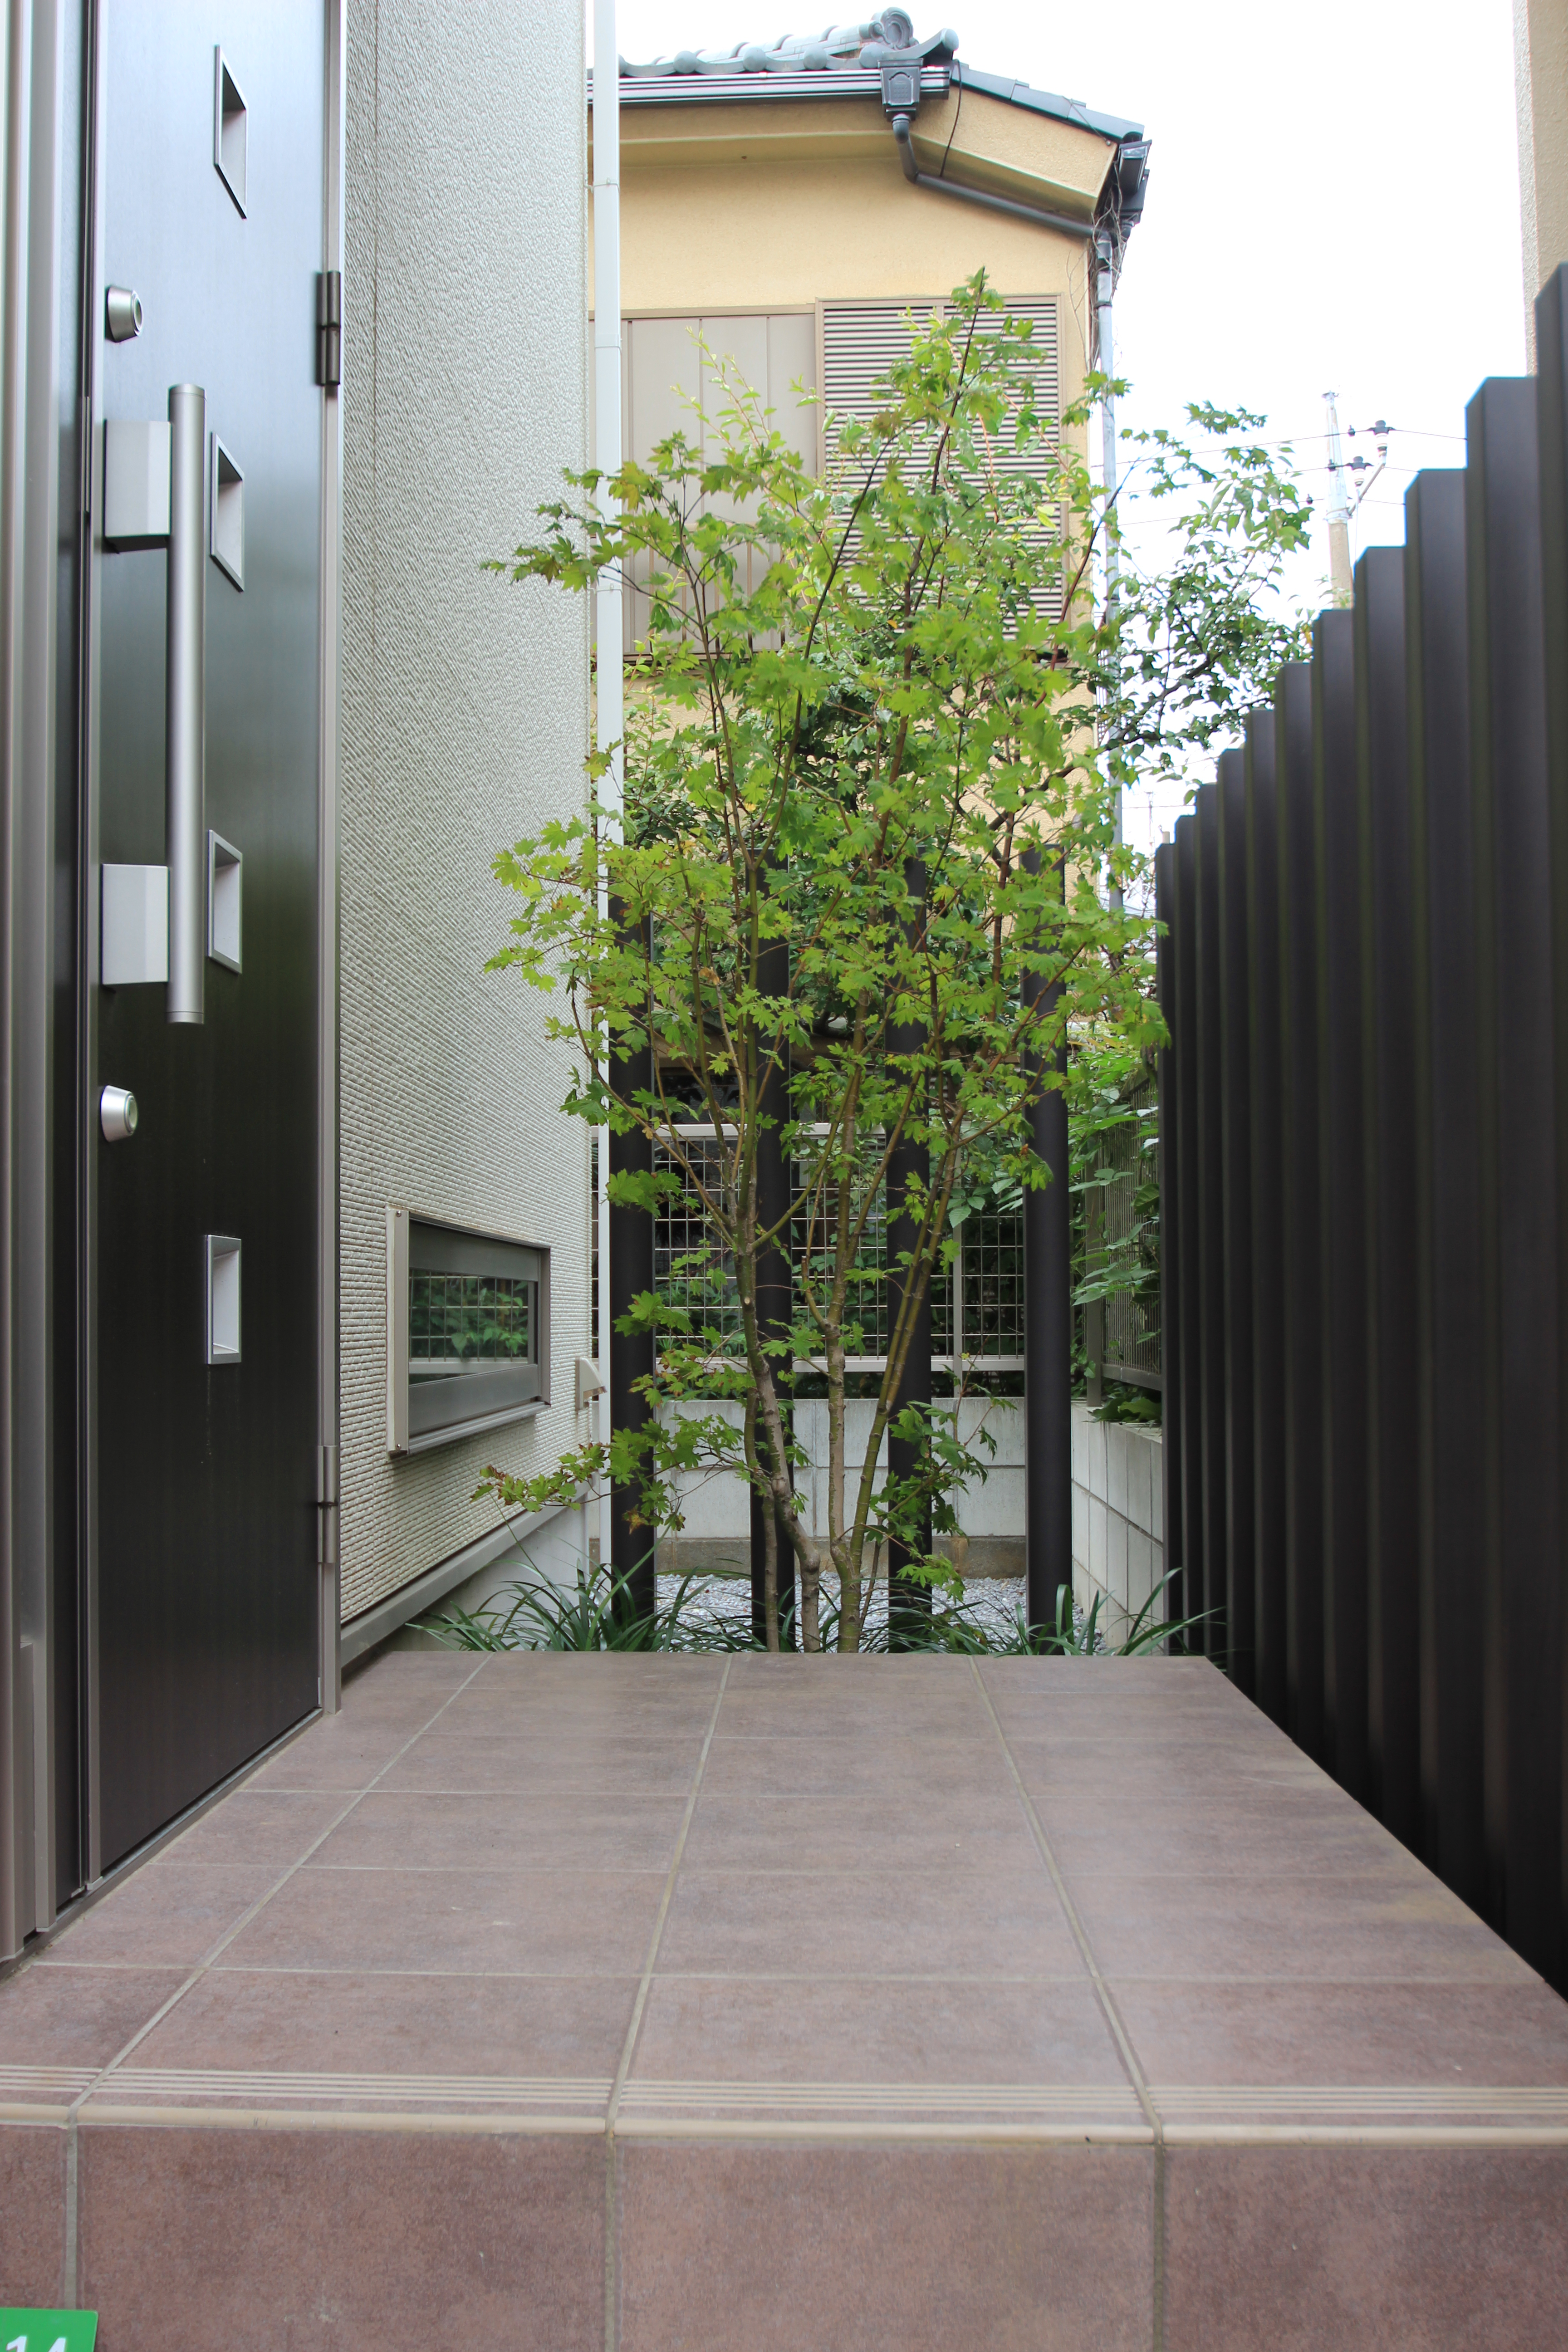 モダンな石畳のアプローチ<br>船橋市H様邸9